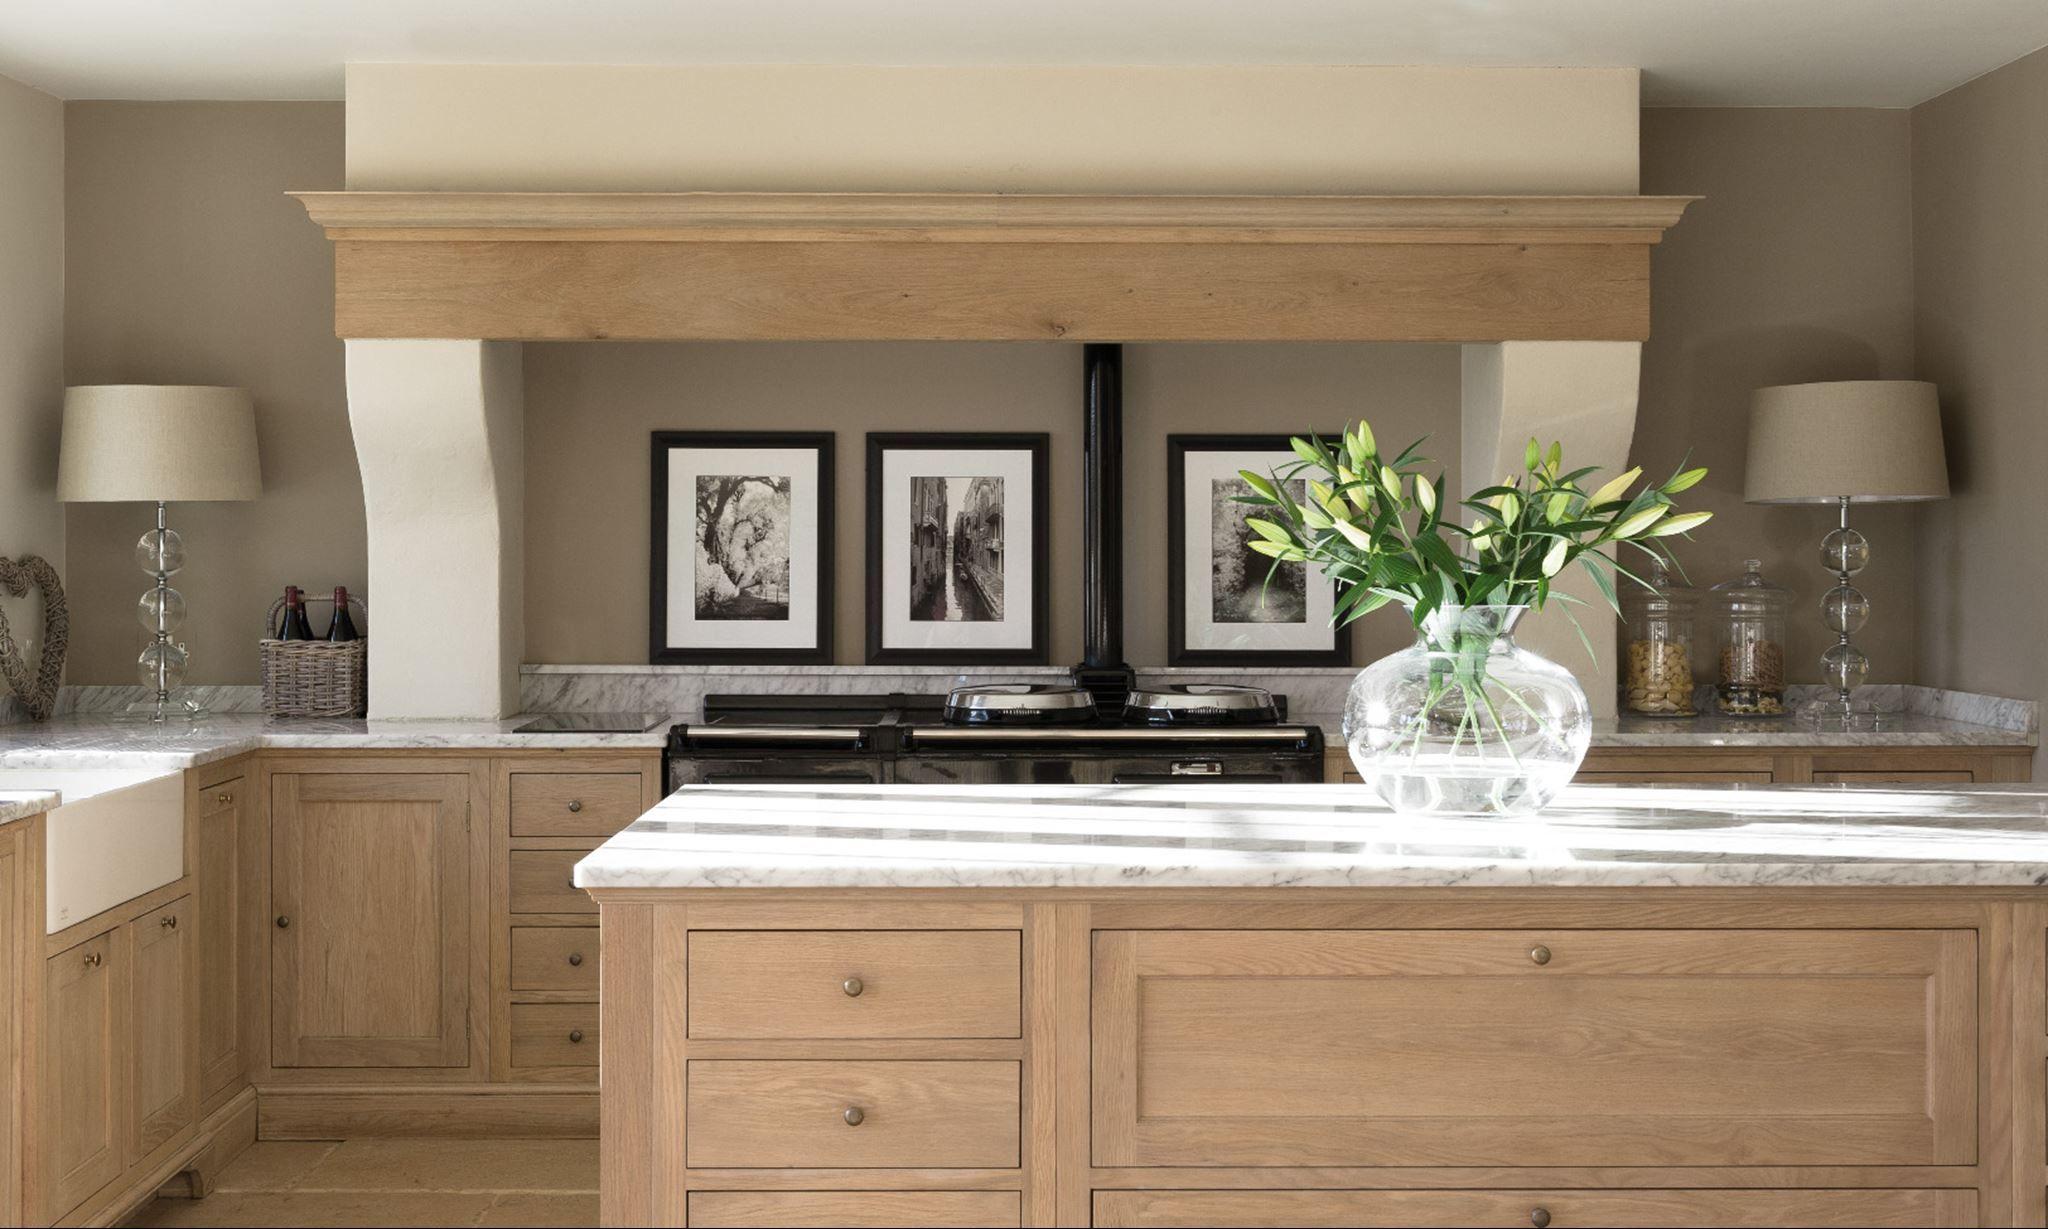 henley oak kitchen fitted kitchen and kitchen ideas kitchen decor